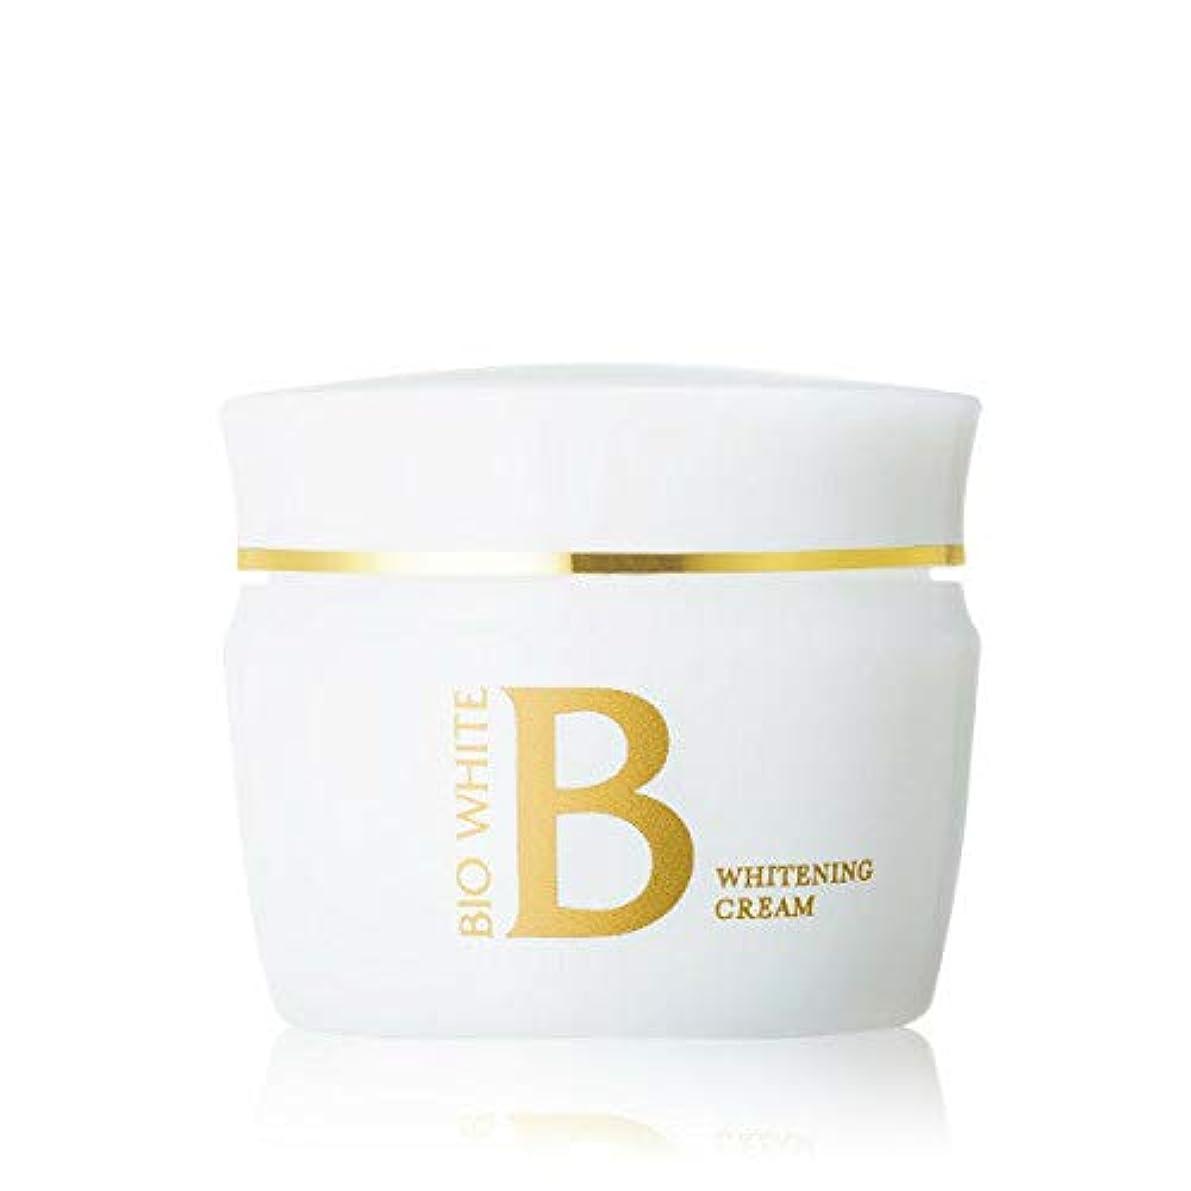 充電アソシエイトメイエラエビス化粧品(EBiS) エビス ビーホワイトクリーム 40g 美白クリーム トラネキサム酸 配合 医薬部外品